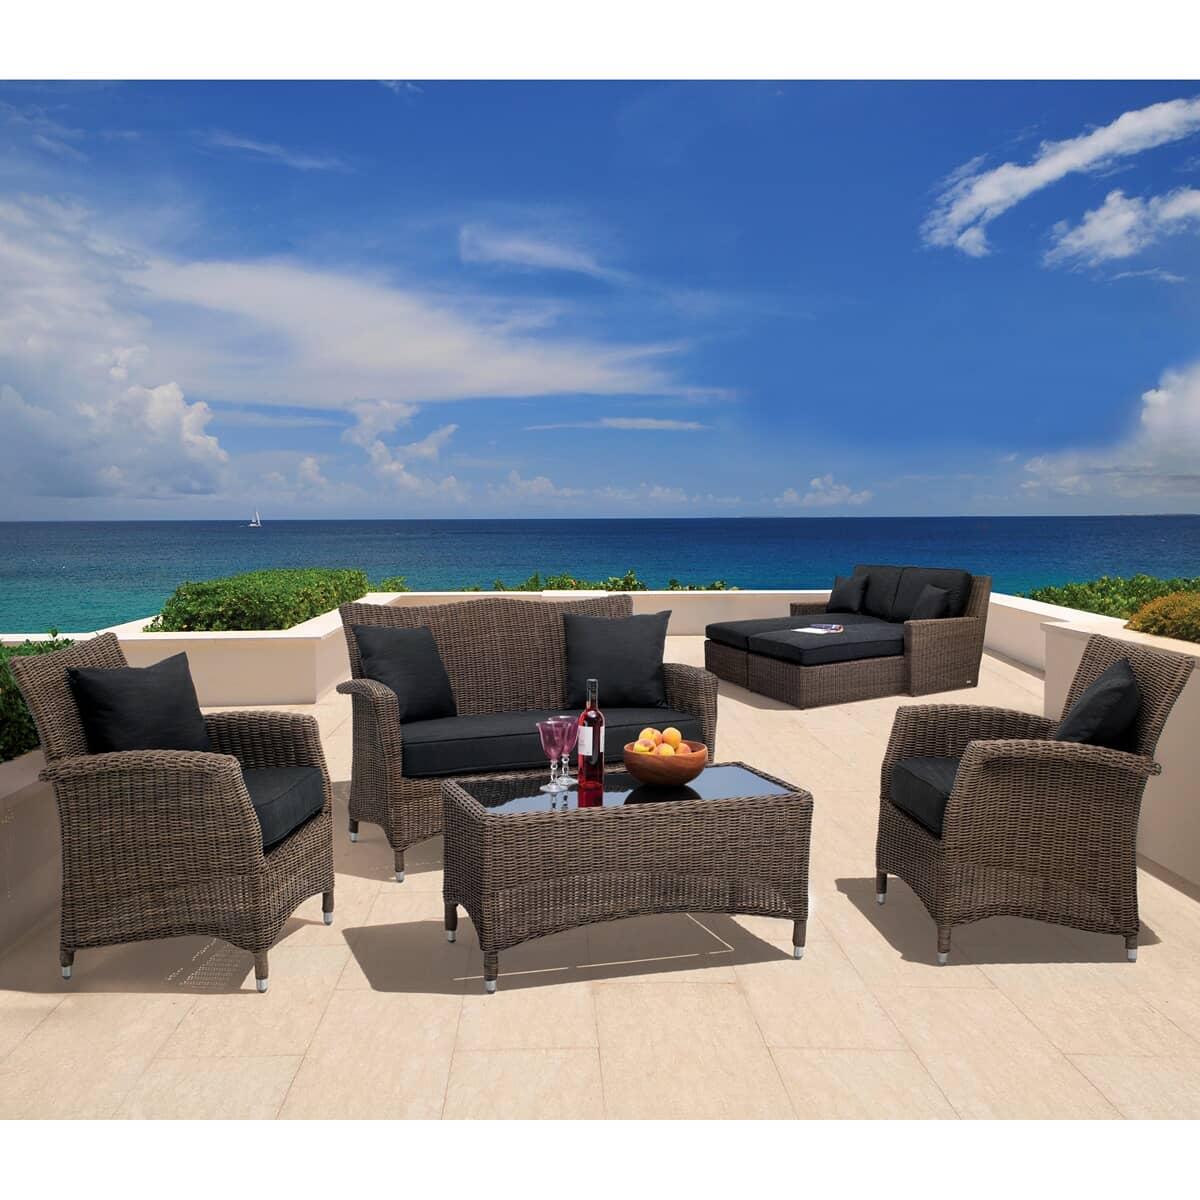 kettler lakena lounge set rattan 03044302100c garden. Black Bedroom Furniture Sets. Home Design Ideas